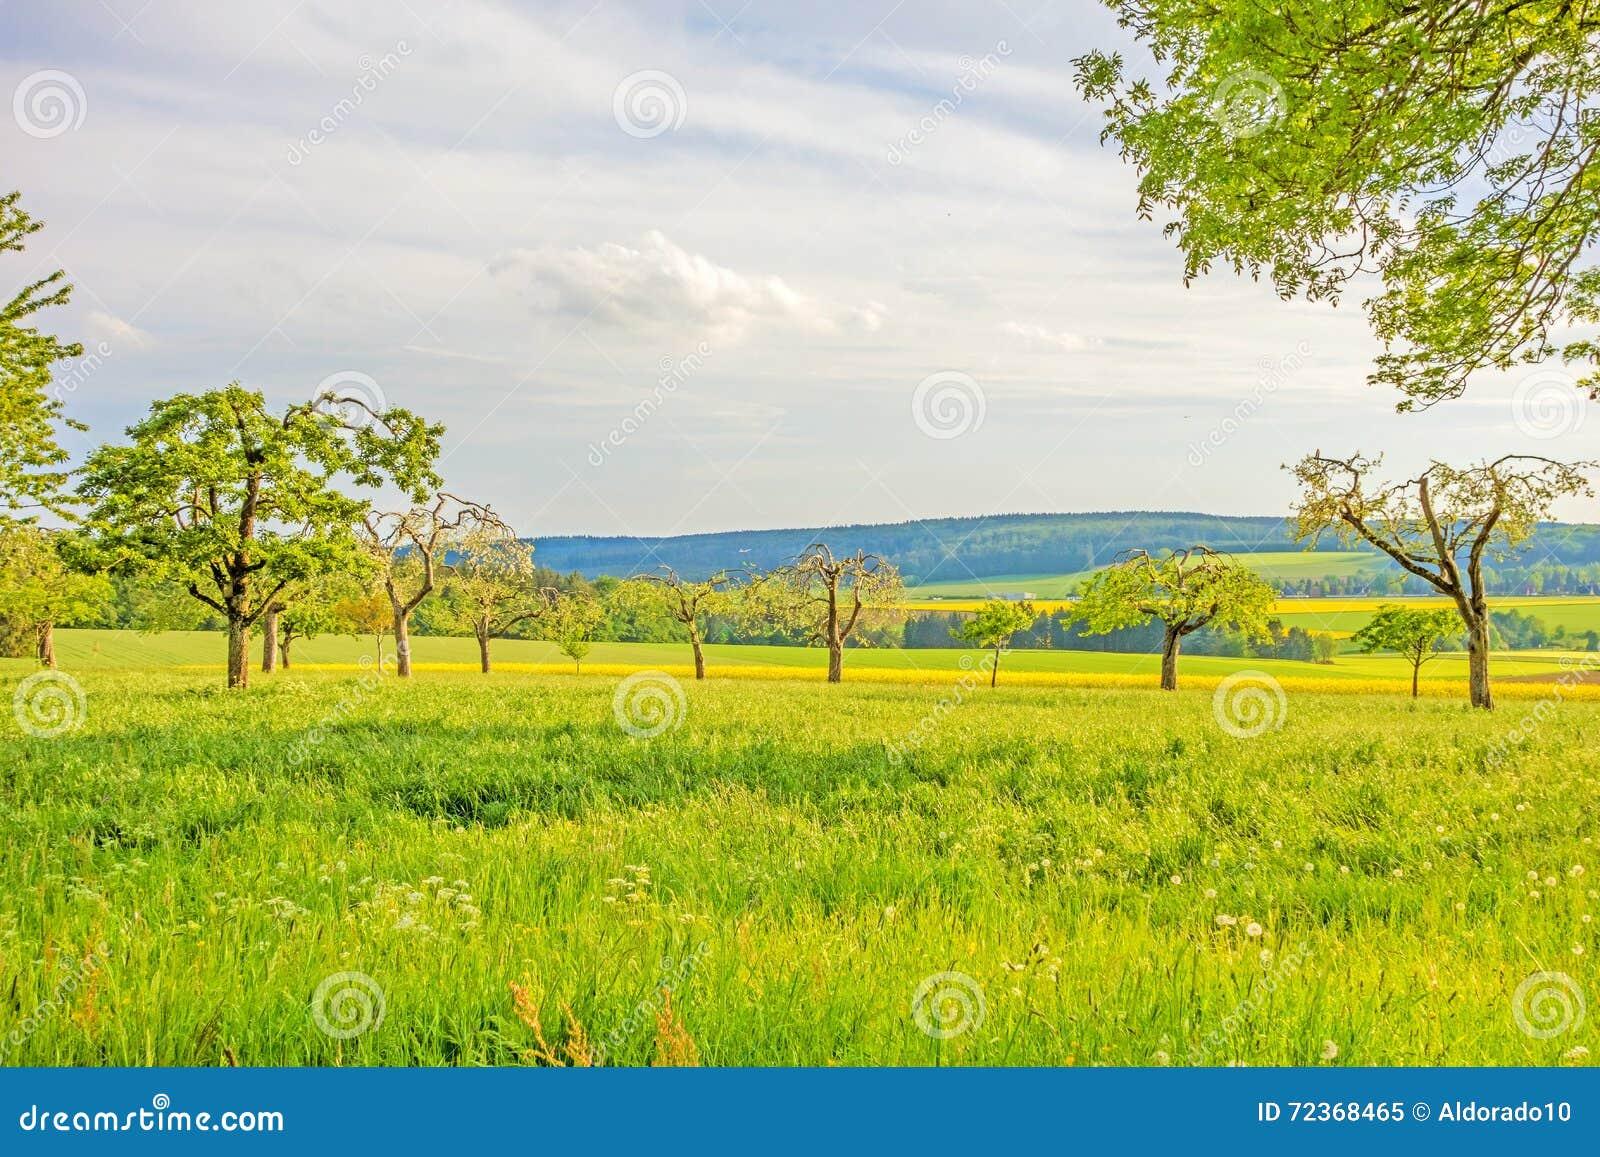 Groene weide met fruitbomen - landelijk landschap